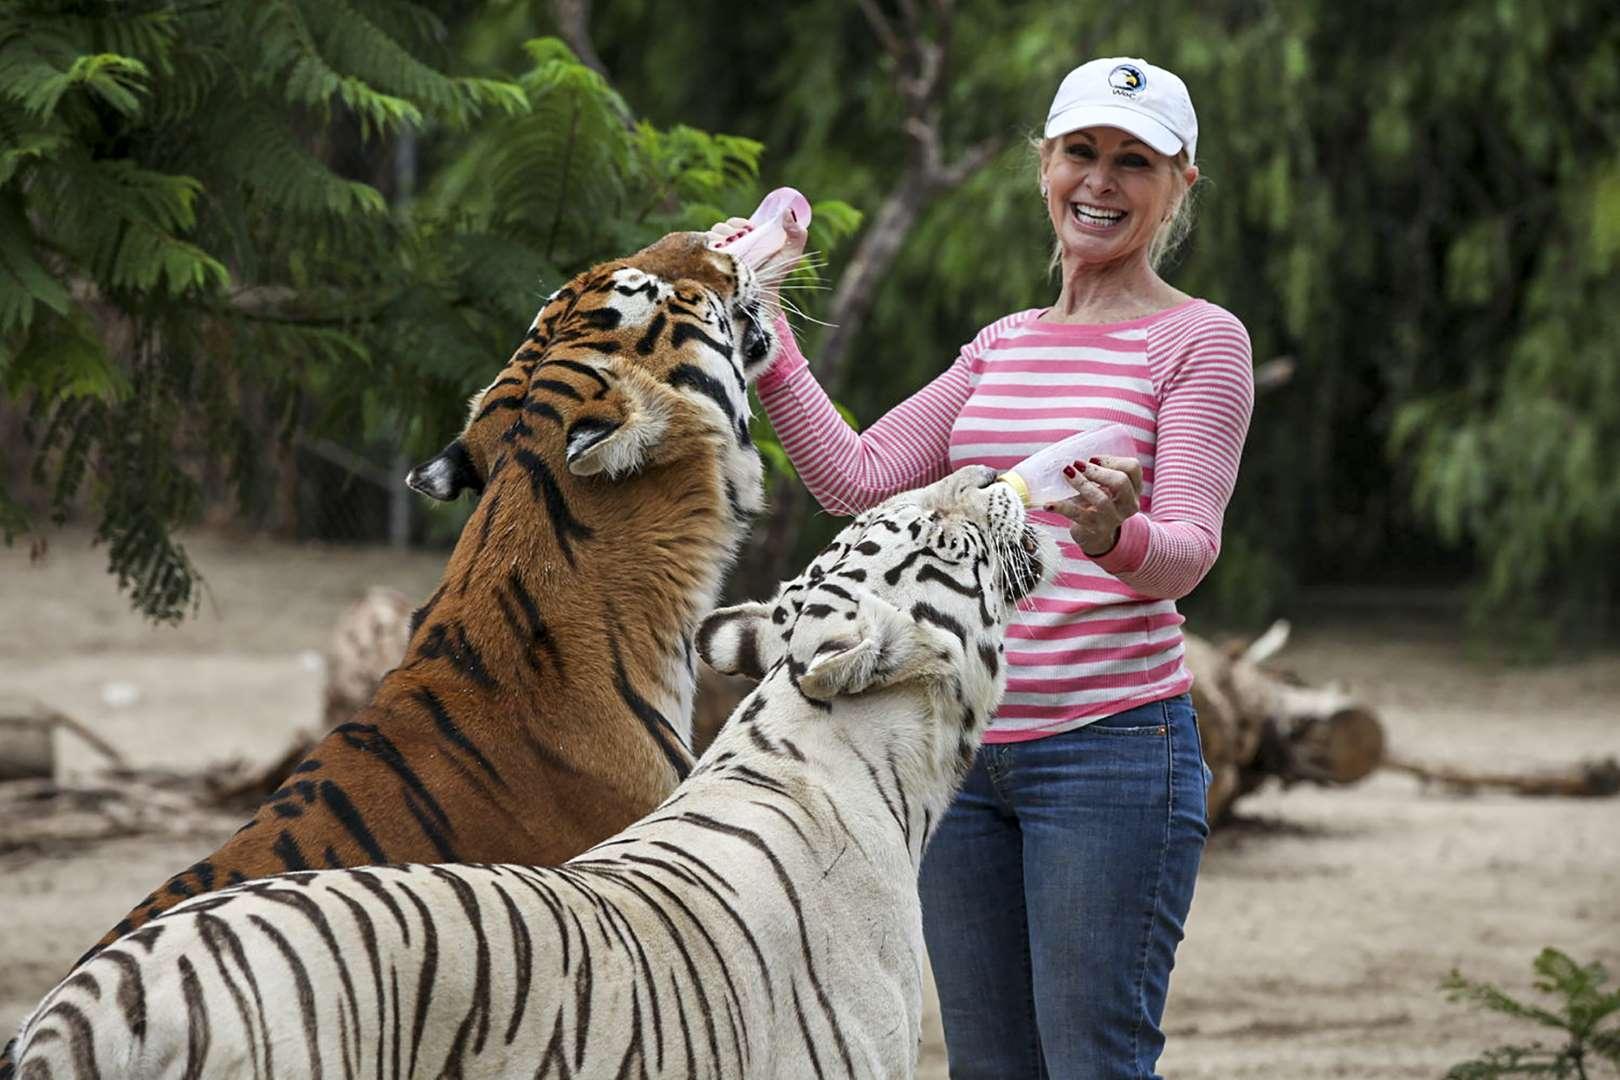 Ngày ngày chơi với bầy hổ nuôi từ nhỏ, bỗng một ngày bị hai con tấn công kinh hoàng - 1